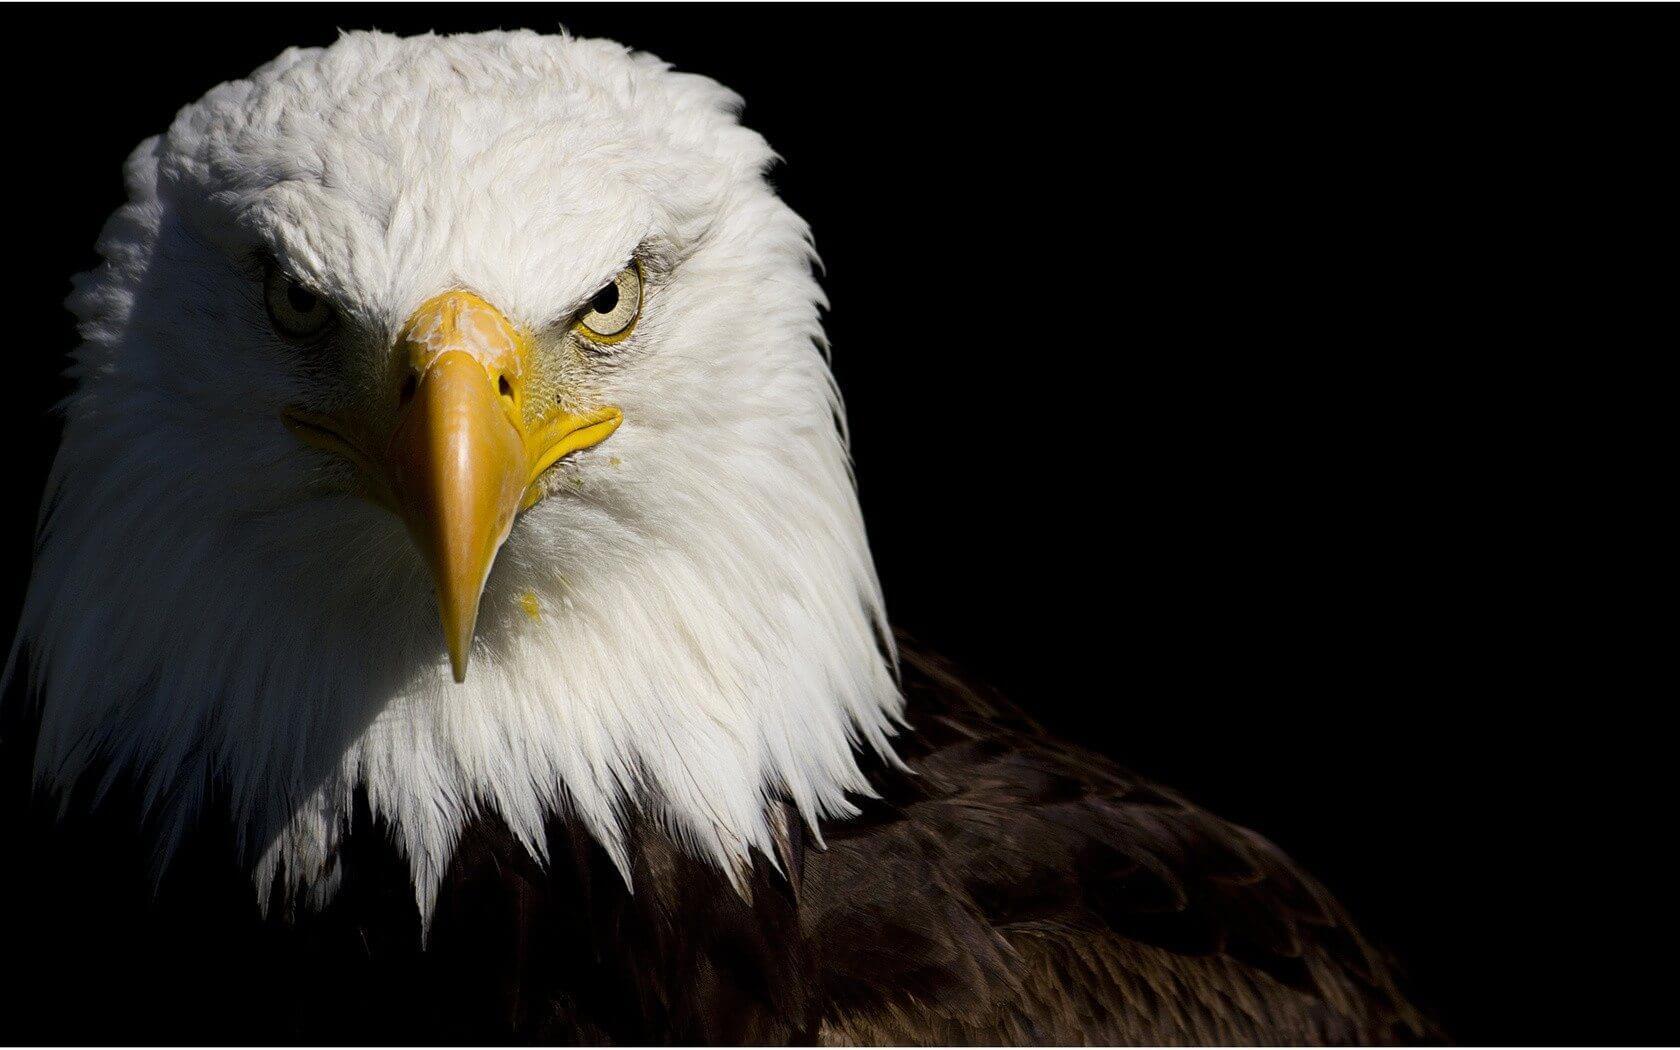 smt drones eagle - Asas da imaginação! Polícia da Holanda treina águias para capturar drones